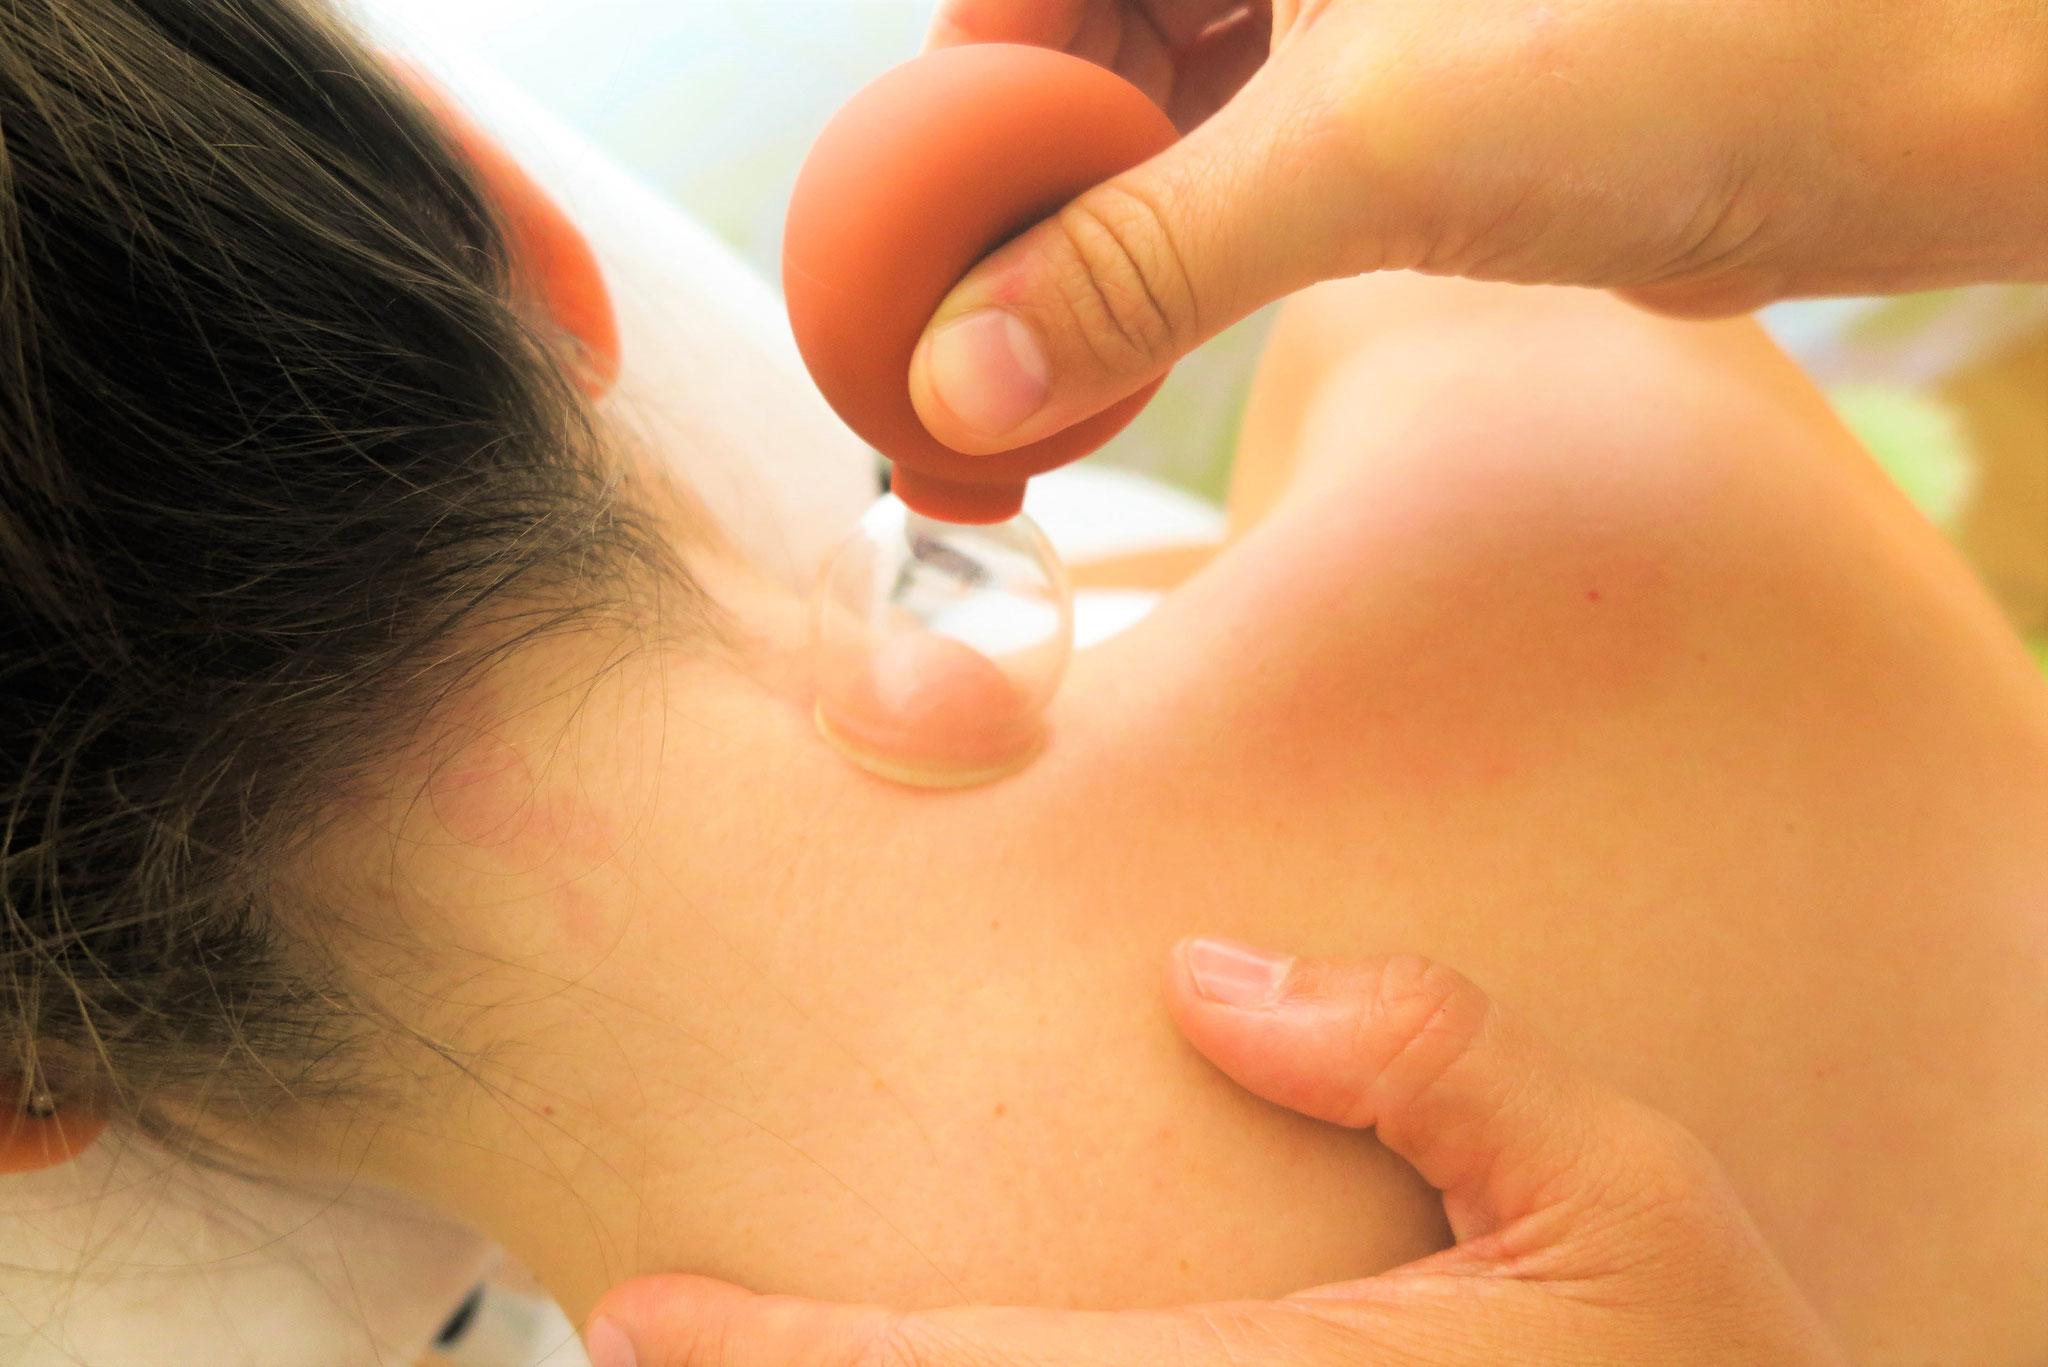 Schröpfmassage am Nacken, August 2019